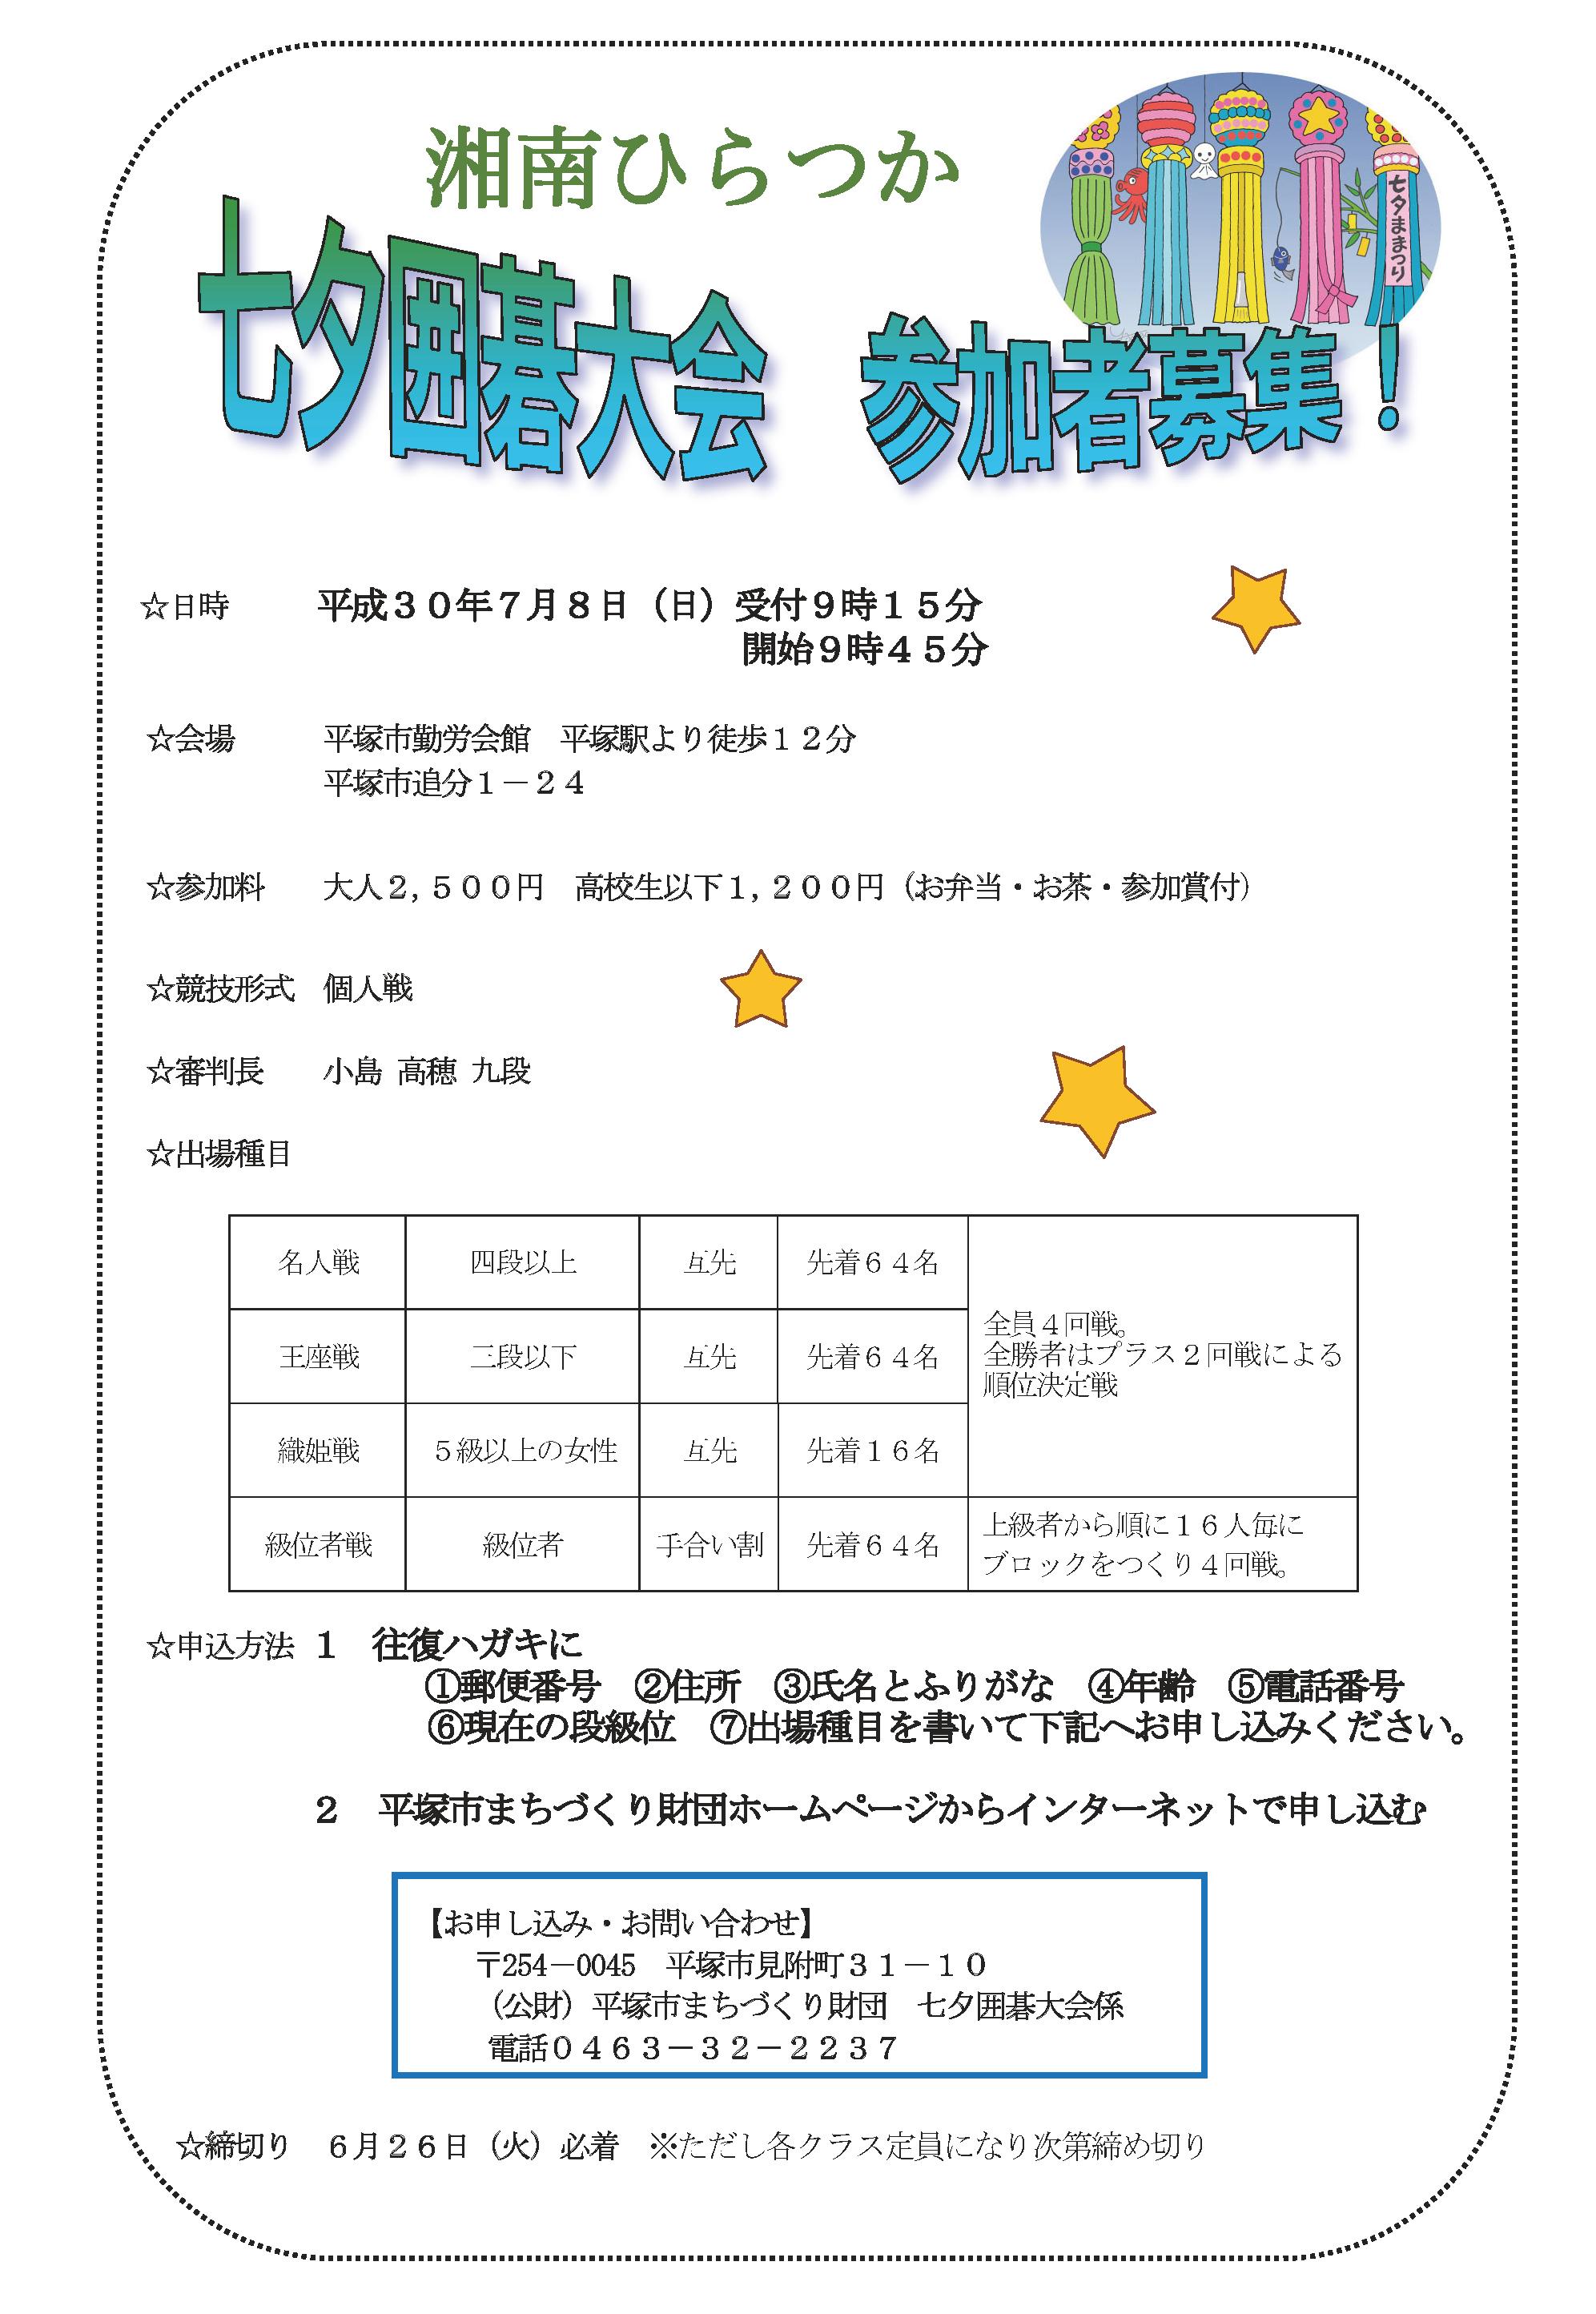 【神奈川】湘南ひらつか七夕囲碁大会